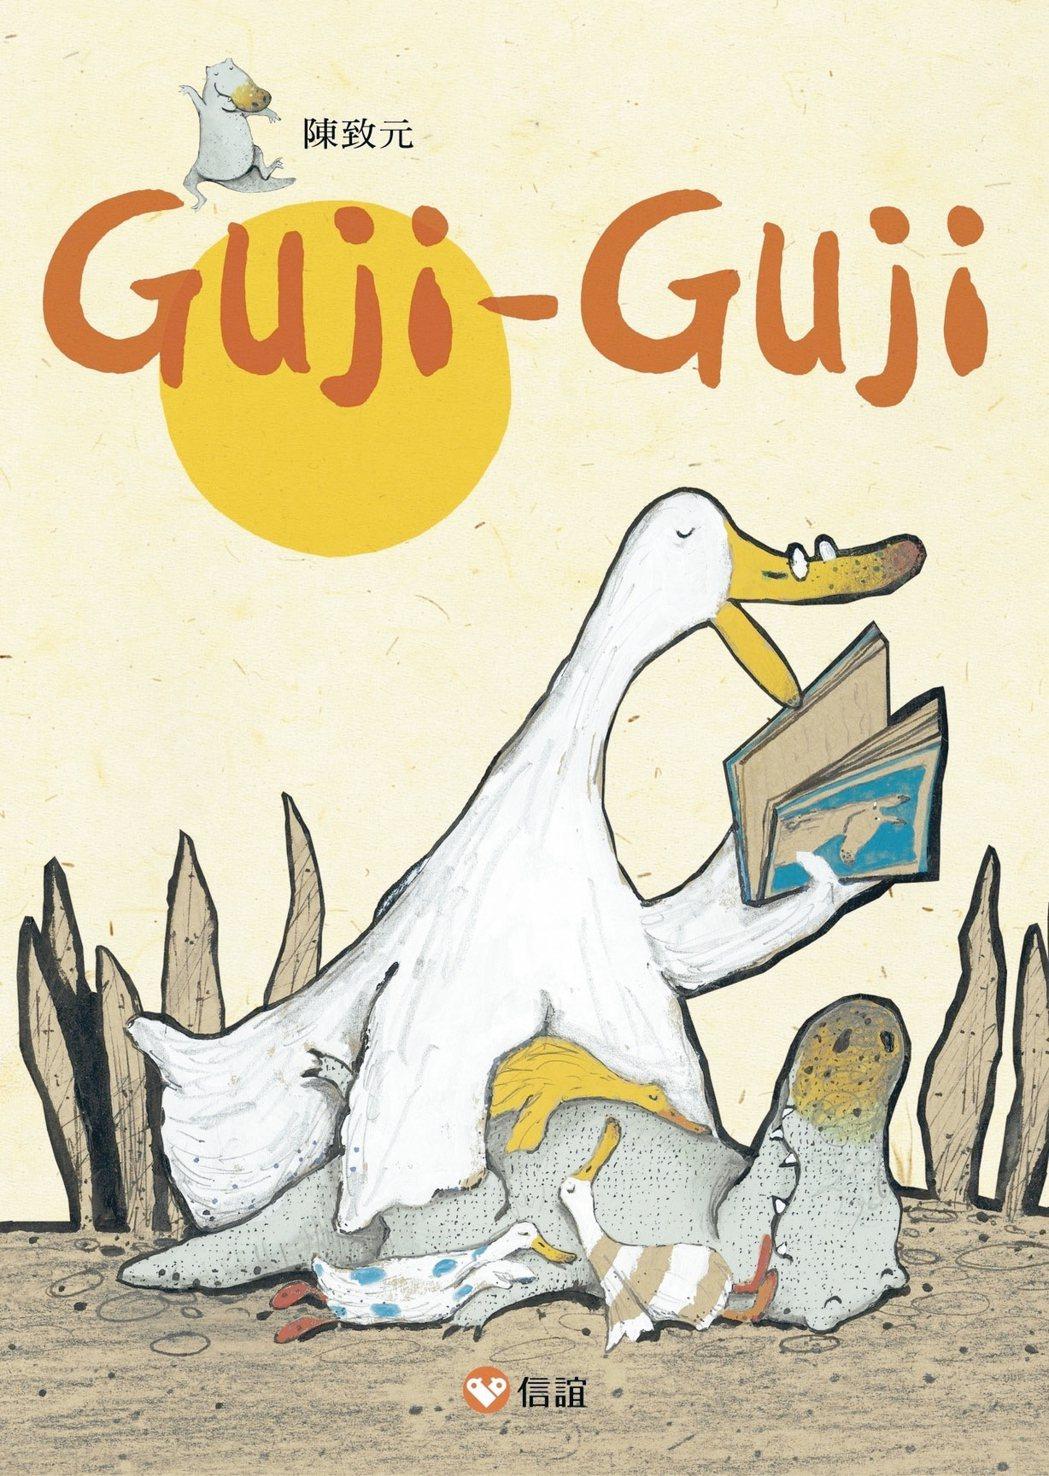 台灣繪本《Guji Guji》。 信誼基金會/提供